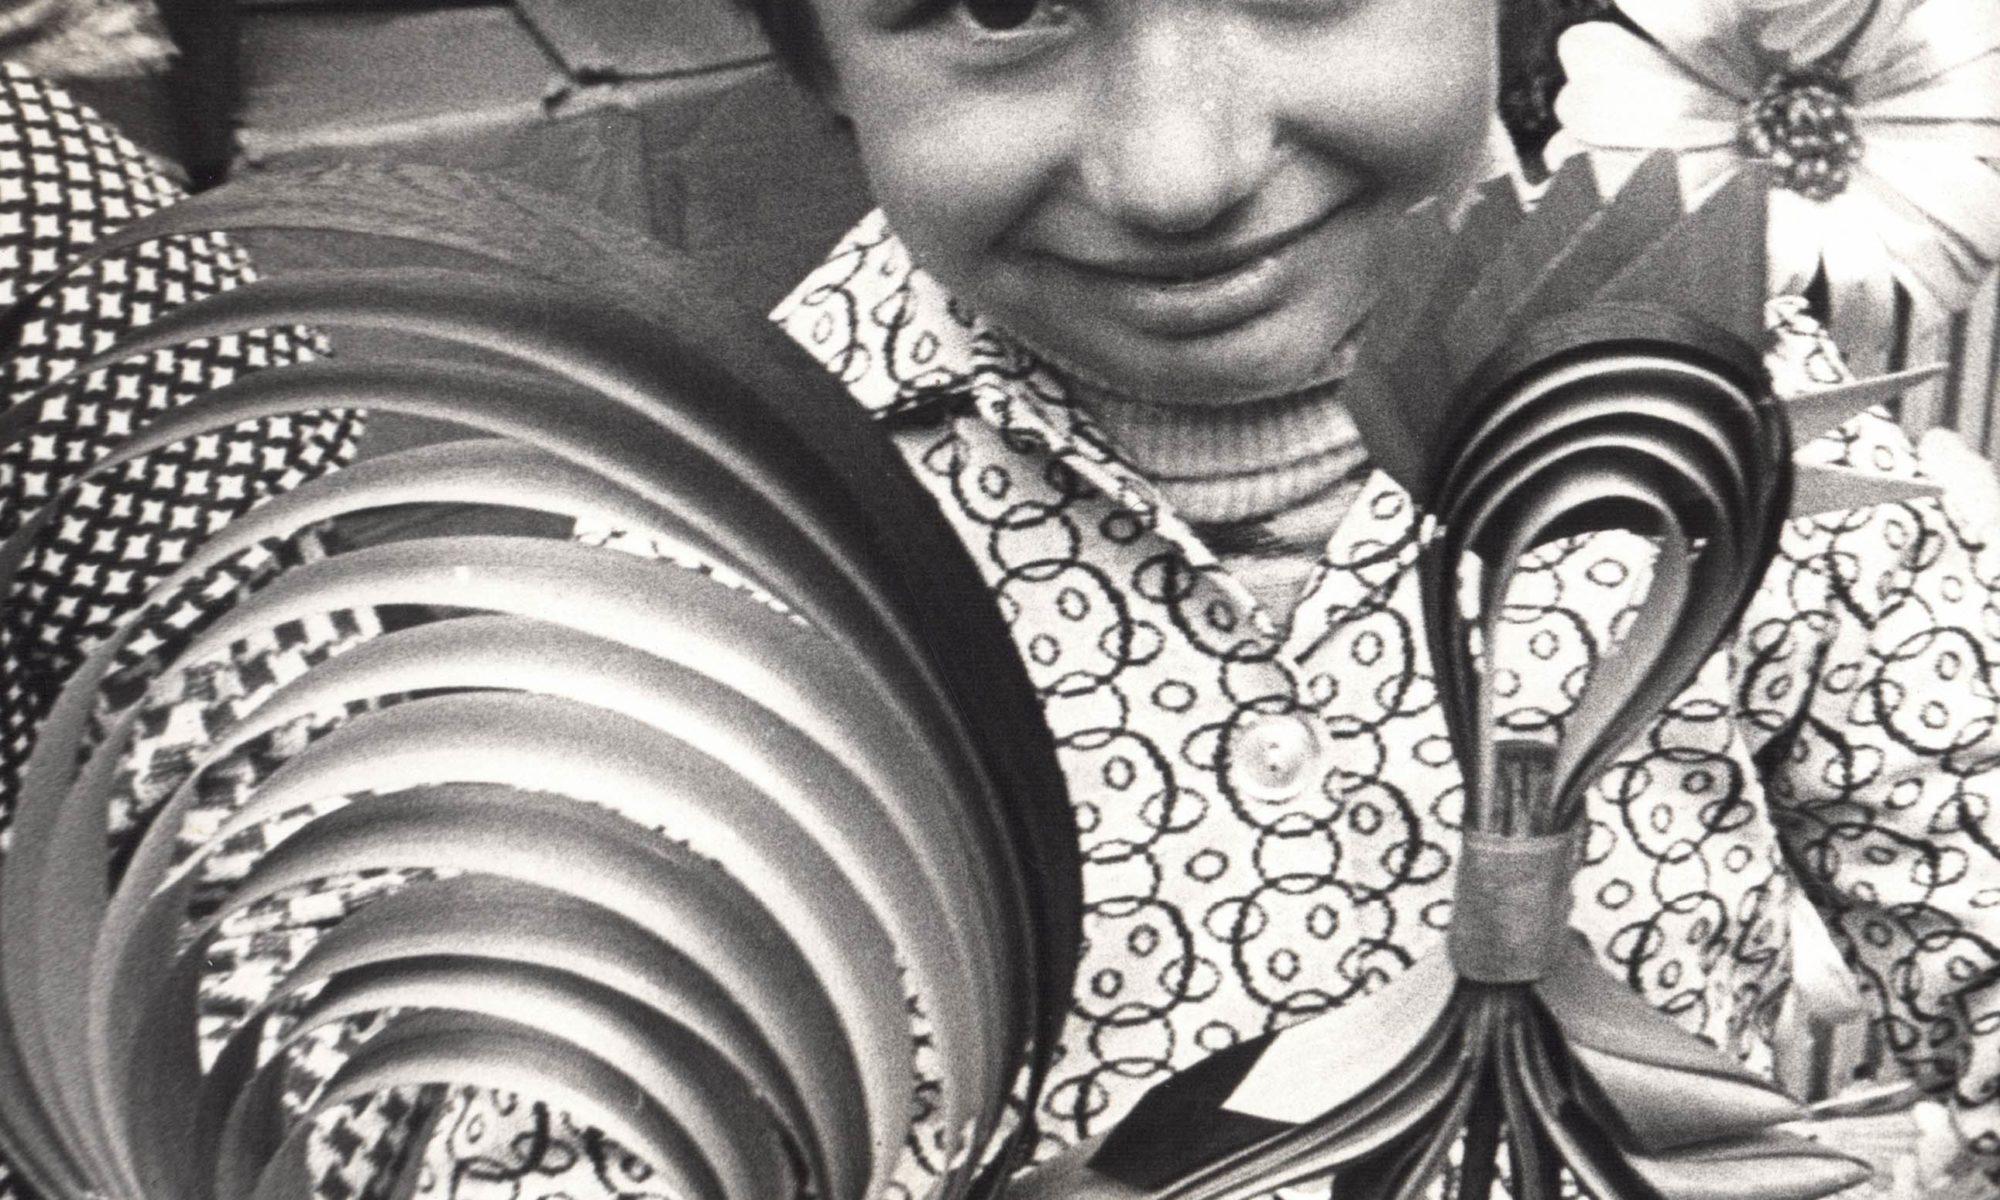 Fotografia czarno-biała prezentująca dziecko z osikowym kogucikiem